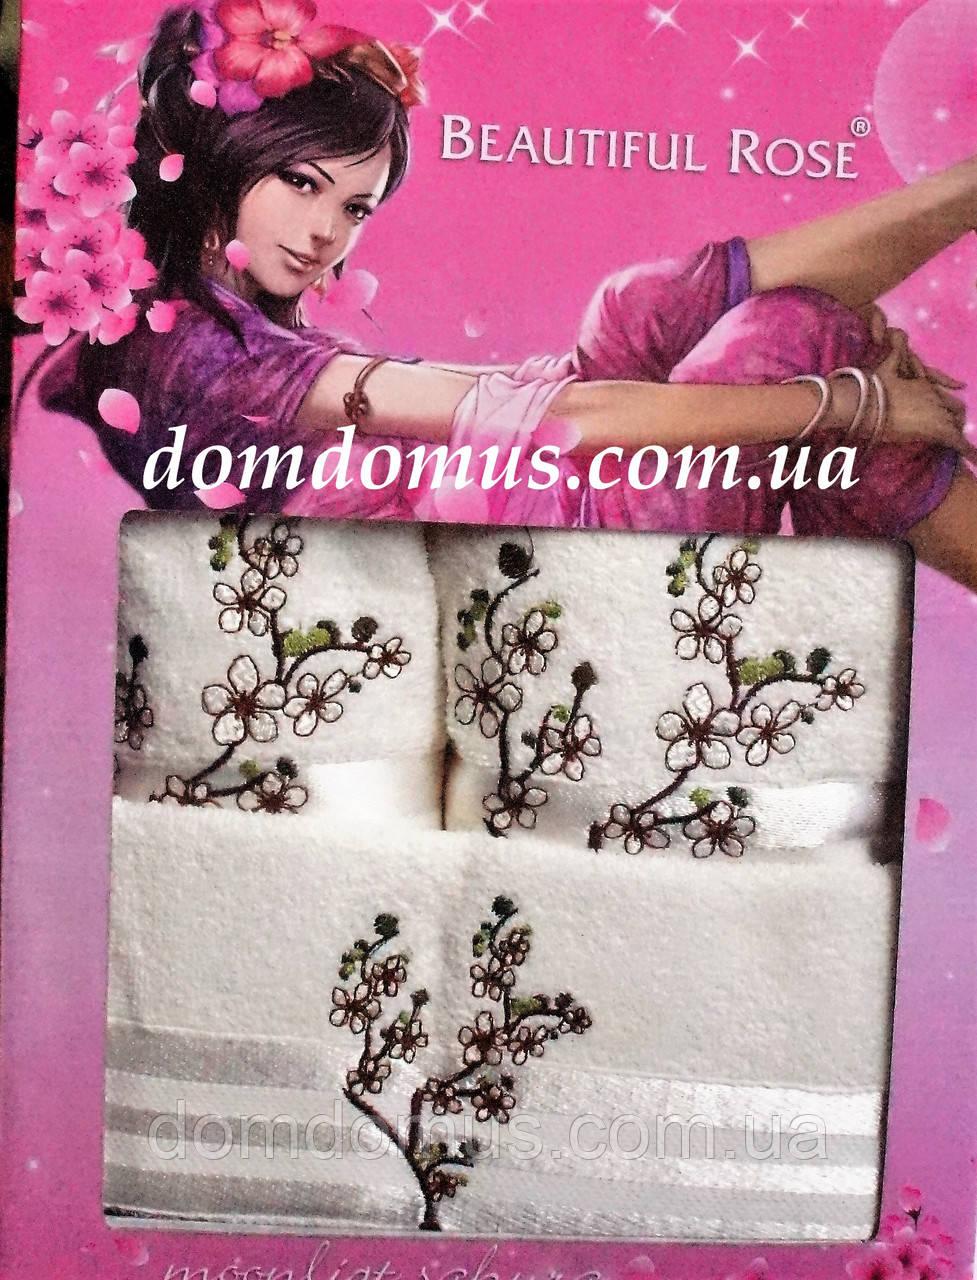 Подарочный набор махровых полотенец 3 шт, Beautiful Rose, молочный